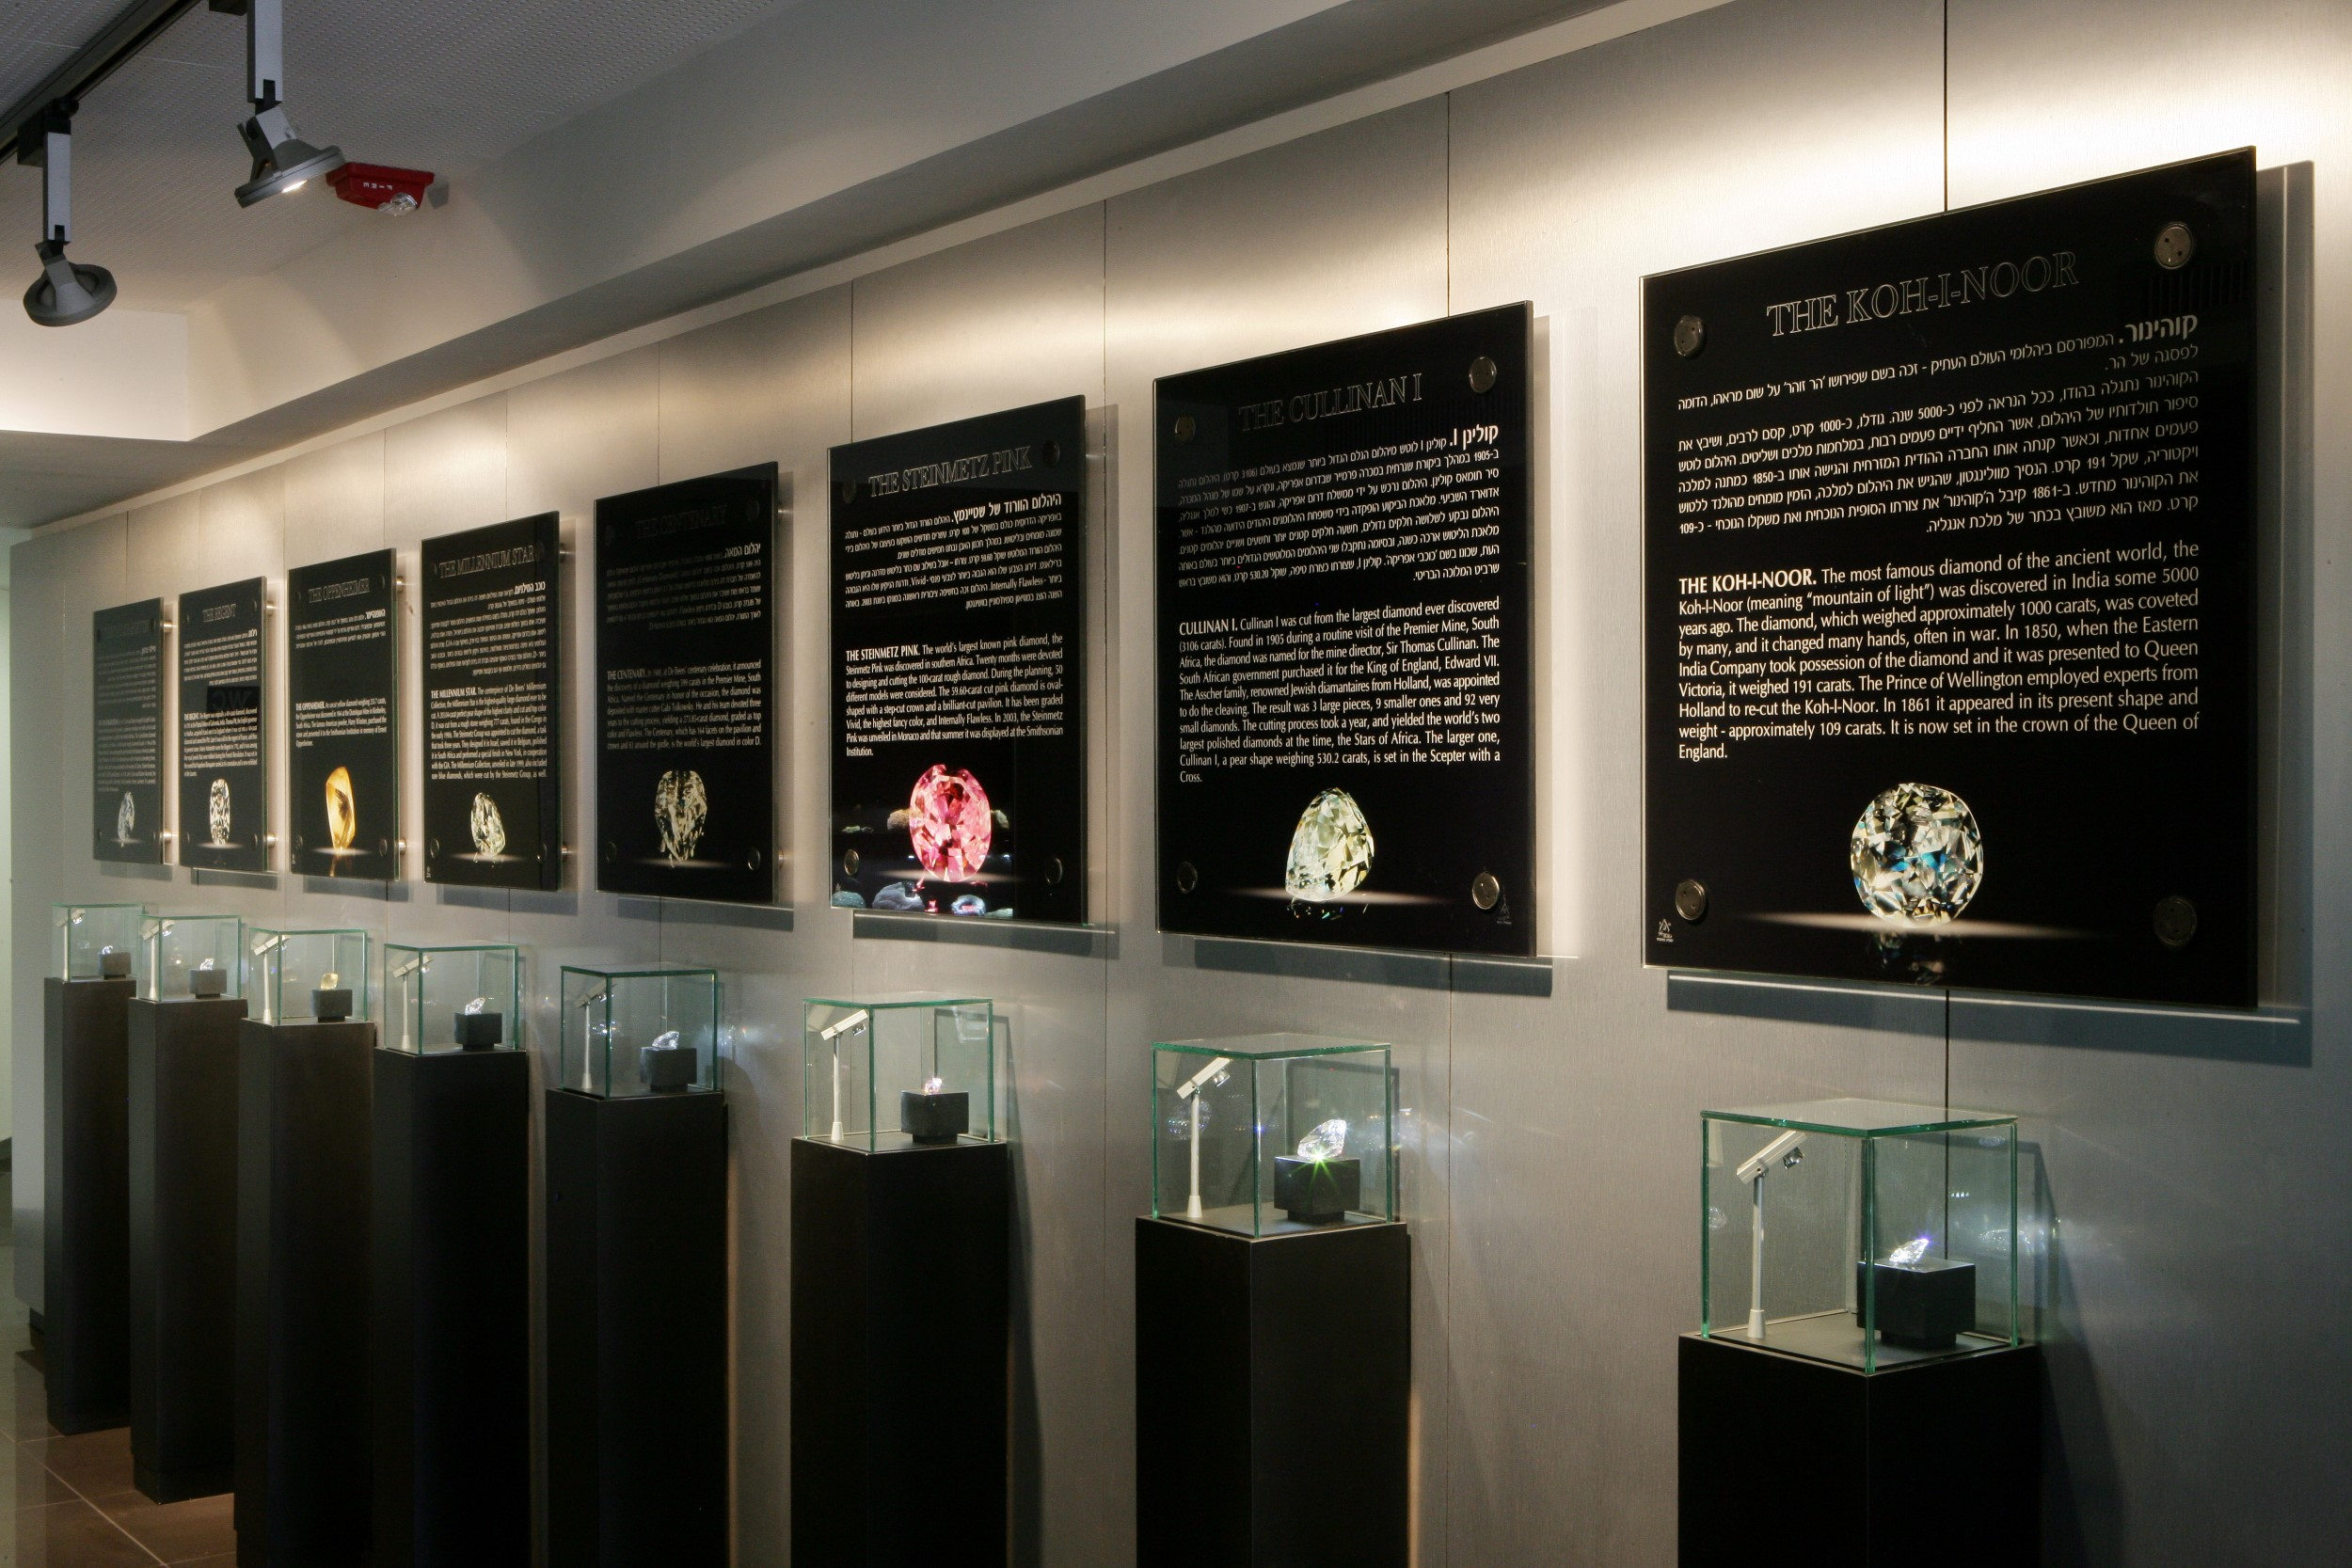 אגף היהלומים היקרים במוזיאון היהלומים ברמת גן (צילום: נתן דביר)